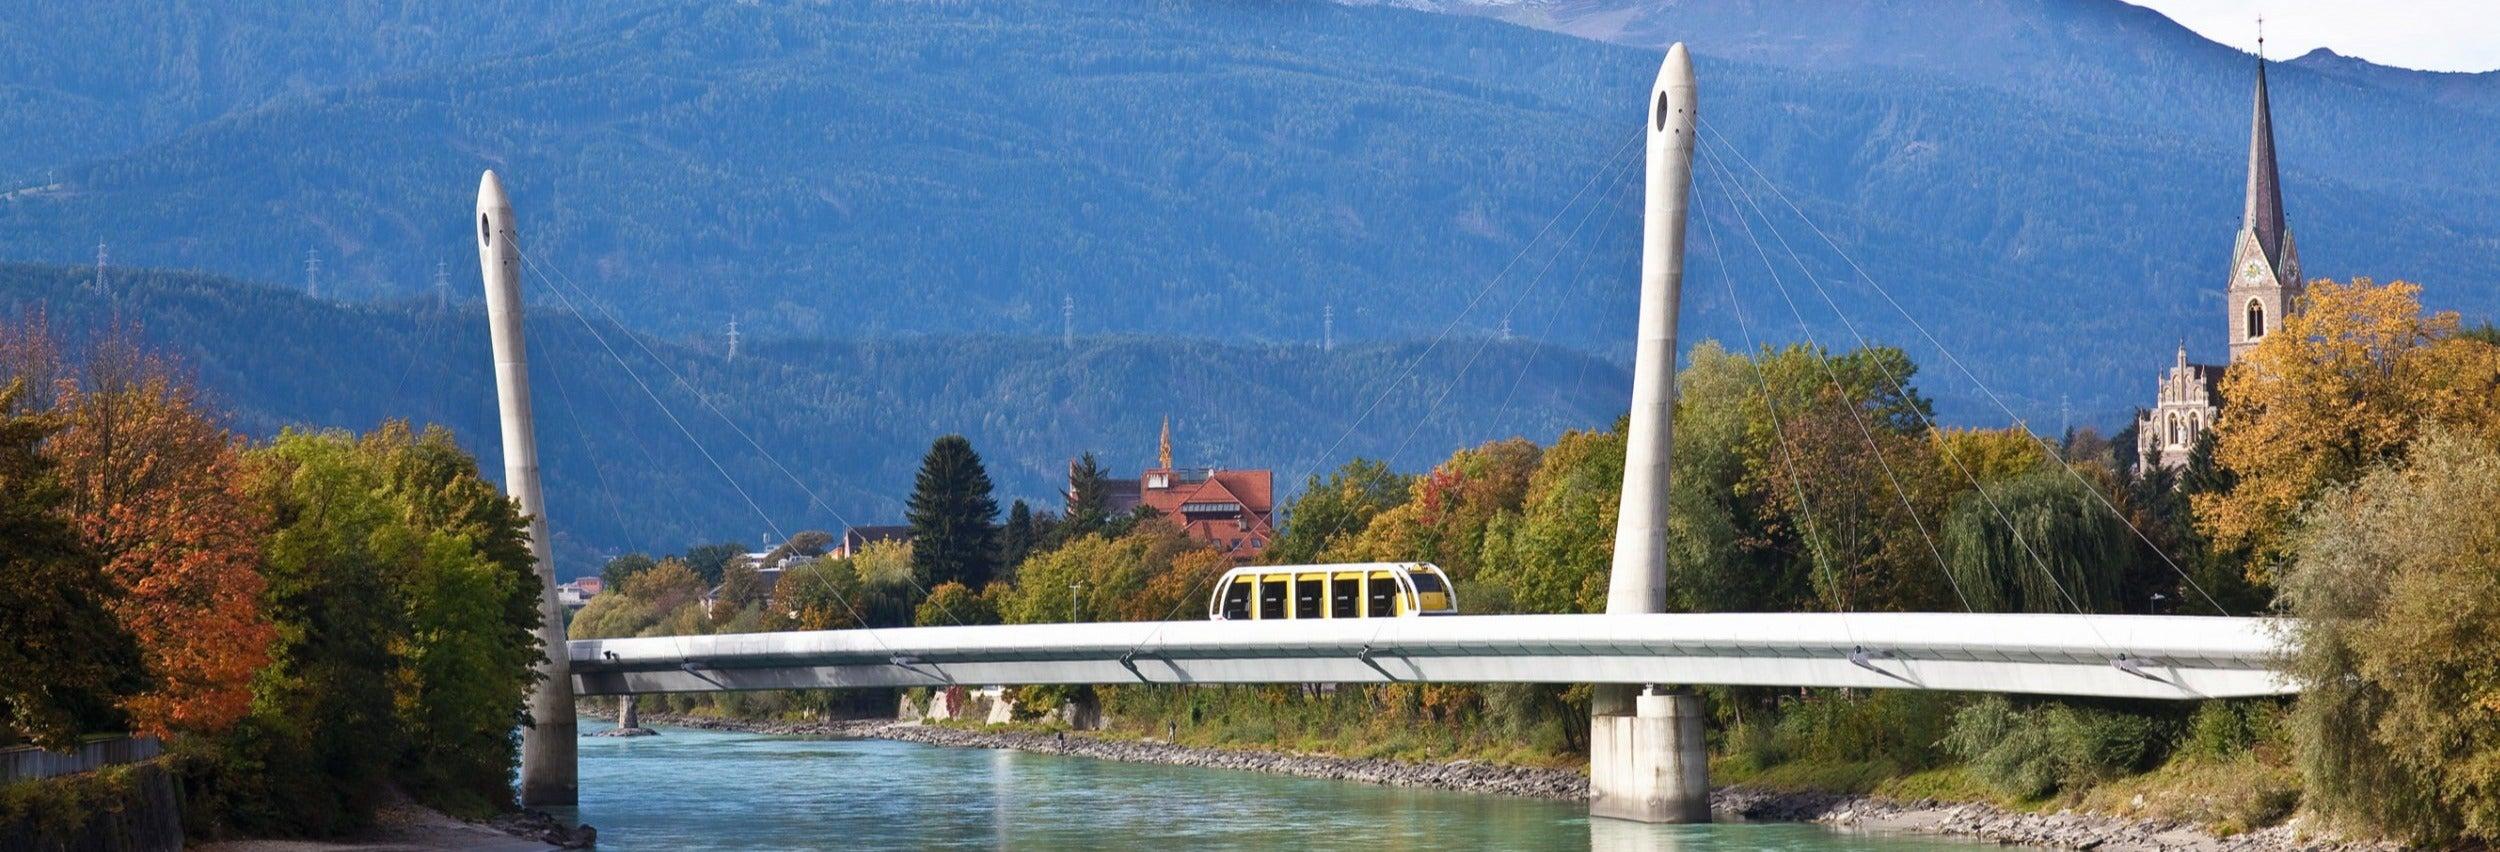 Biglietti per la funicolare Innsbruck-Hungerburg